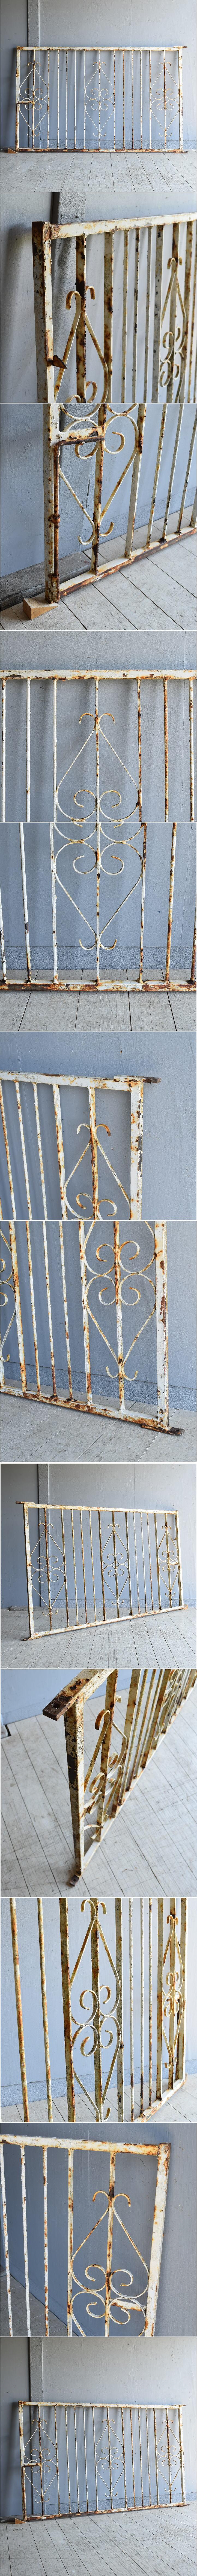 イギリス アンティーク アイアンフェンス ゲート柵 8089